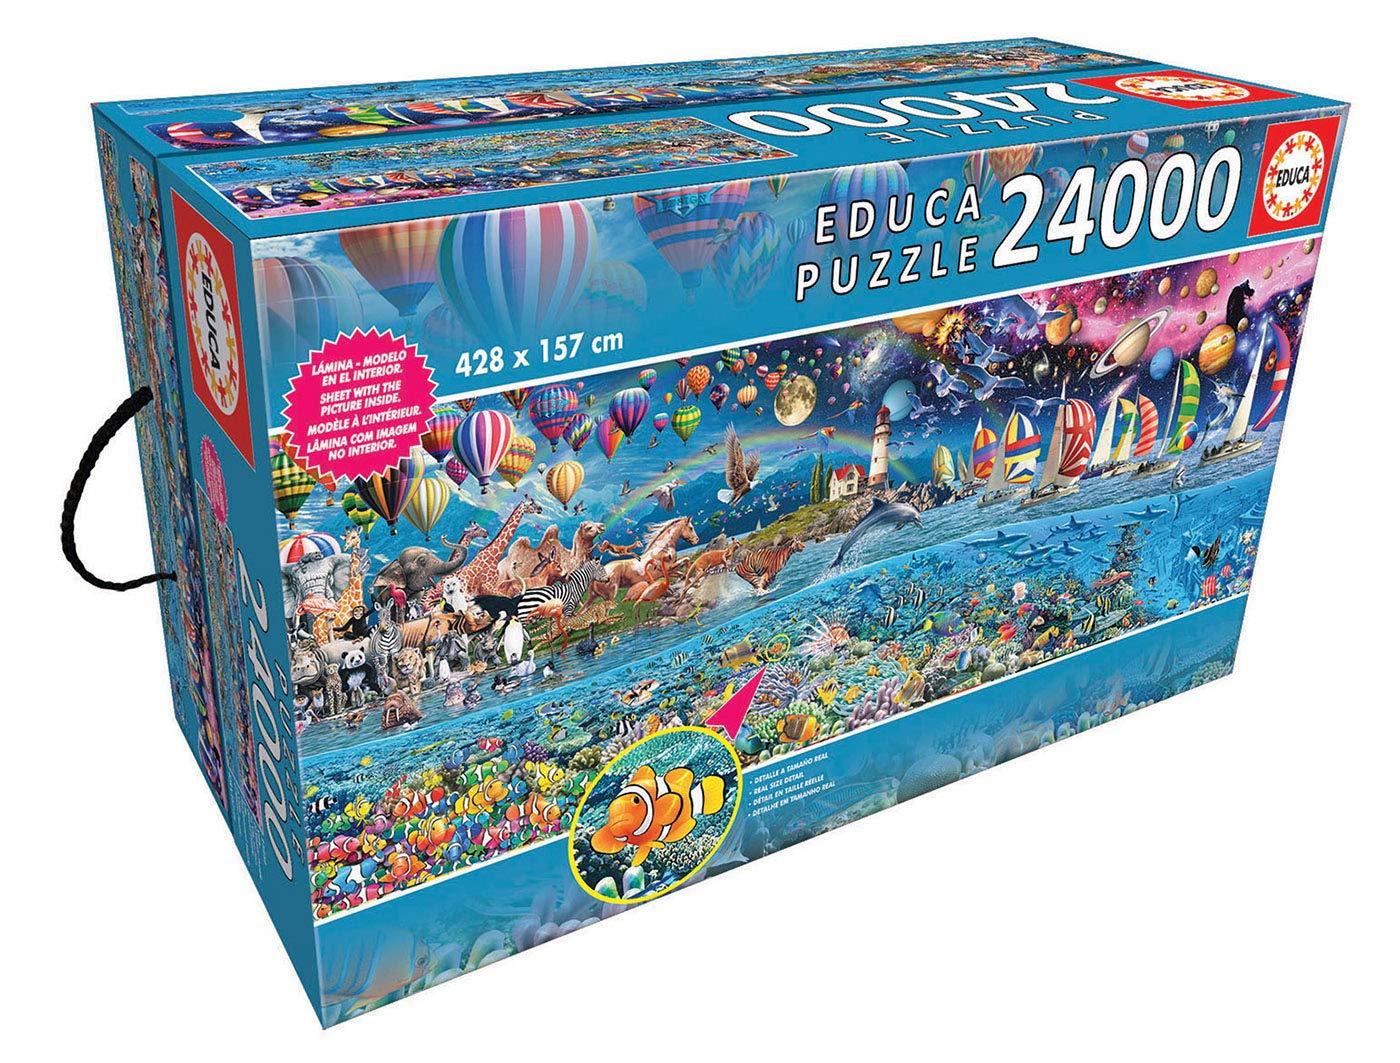 Educa Borrás – Vida, el mayor puzzle de 24000 piezas (13434)